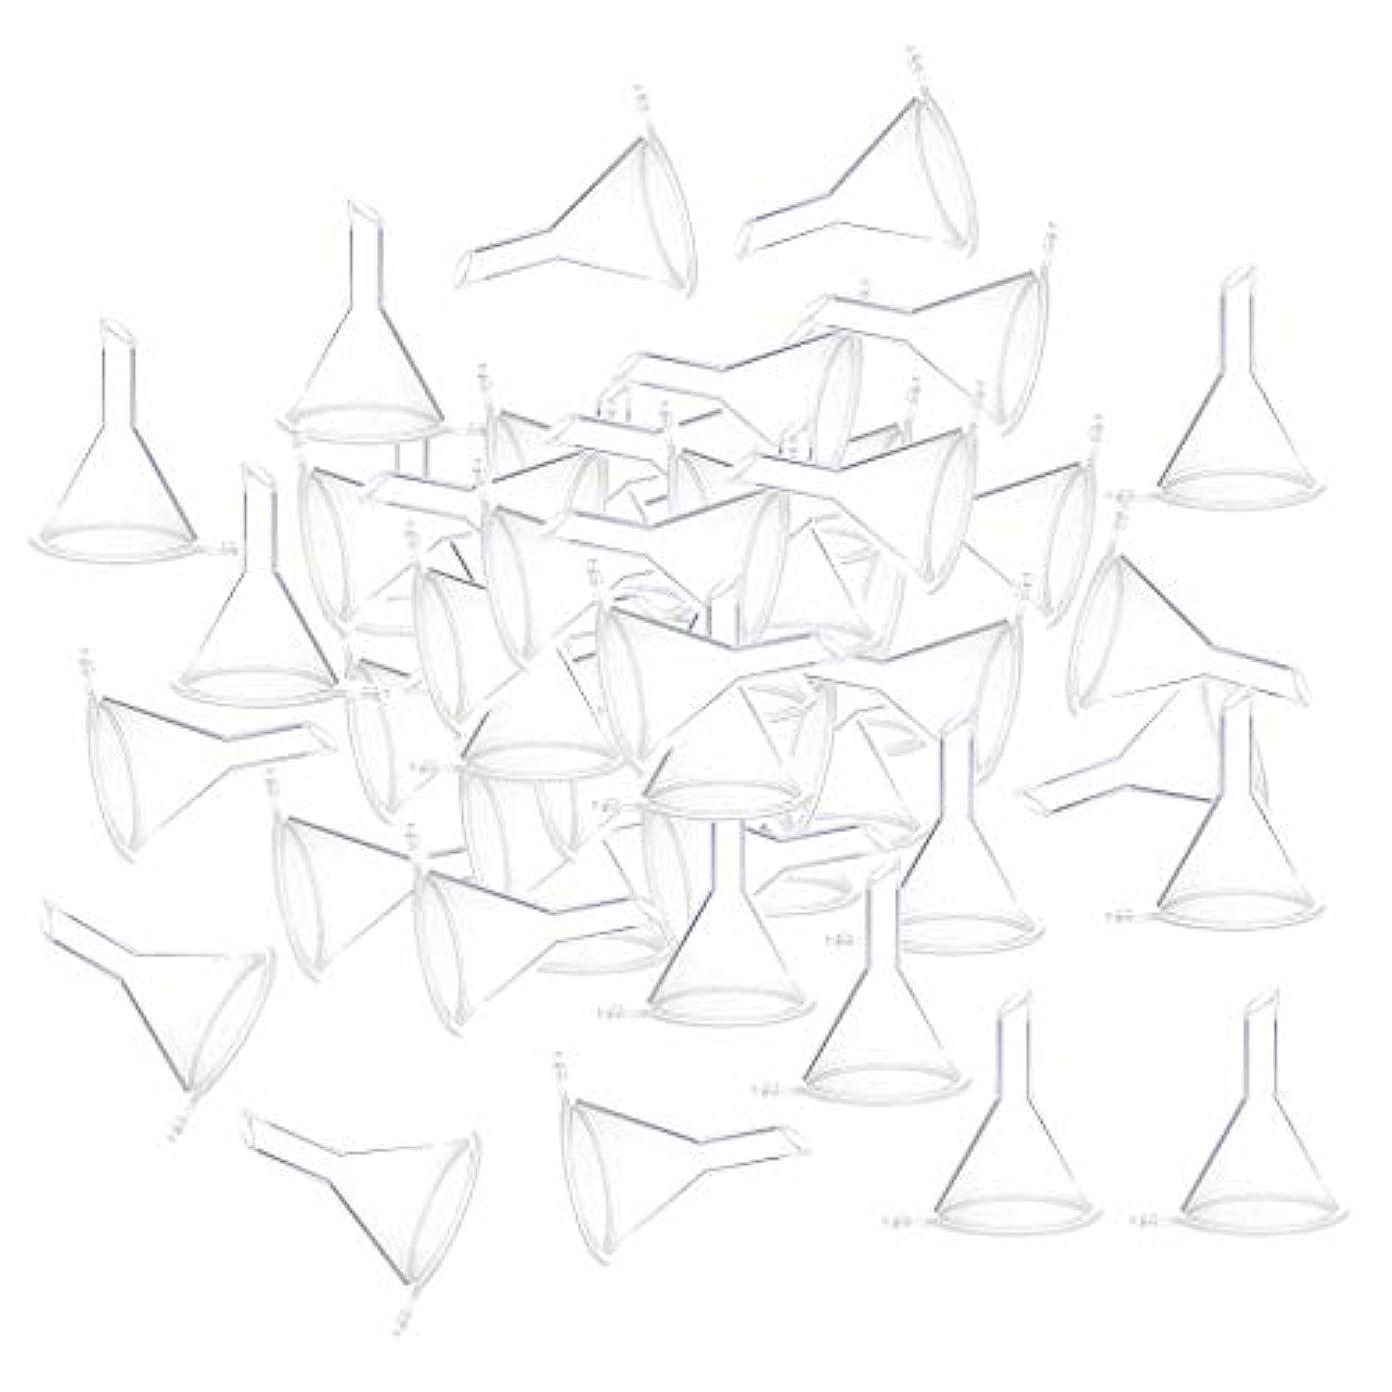 ホバート積極的に凶暴な小分けツール ミニ ファンネル エッセンシャルオイル 液体 香水用 全100個 3カラー - クリア